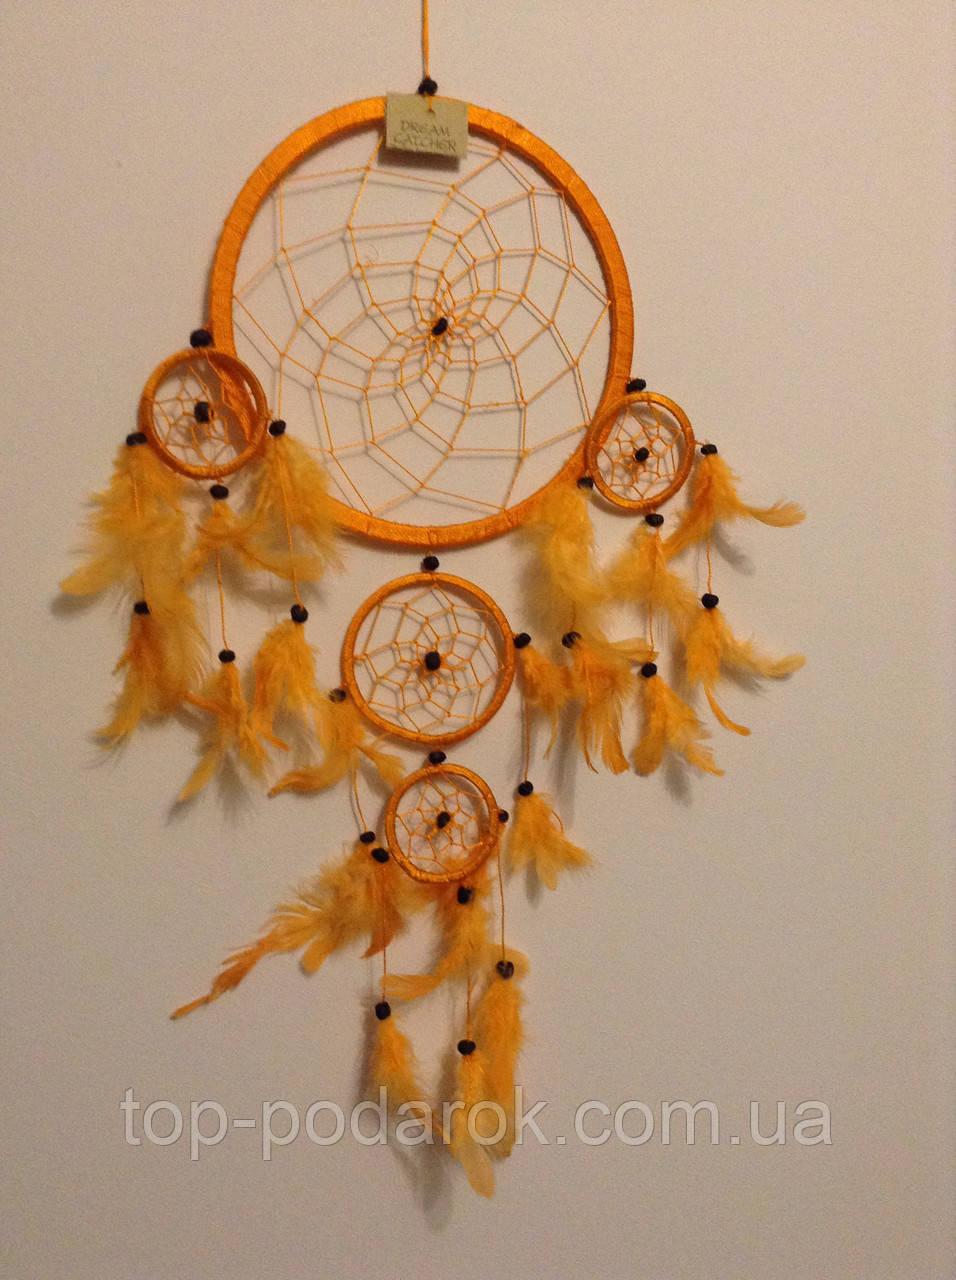 Ловец снов диаметр 22 см